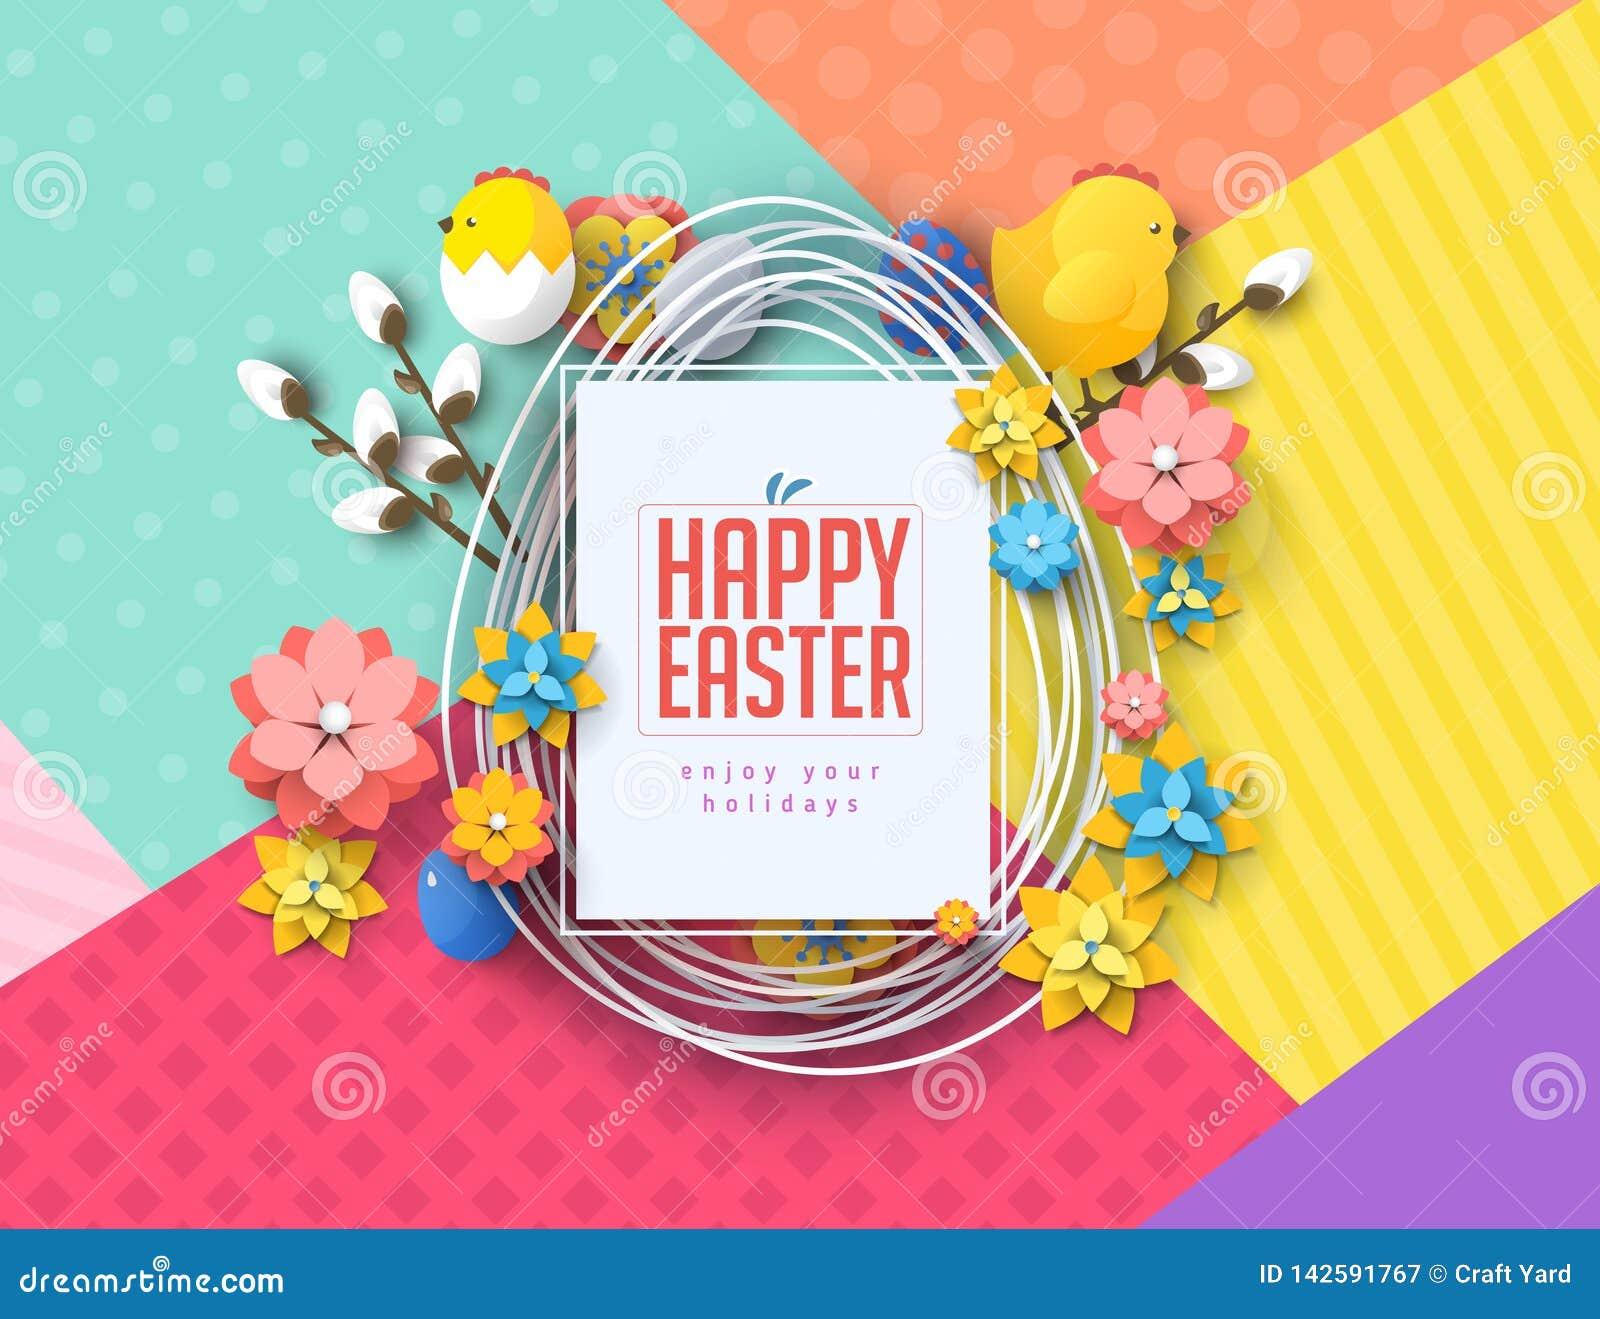 Wielkanocnego pojęcie sztandaru ulotki jajek kolorowego królika tła abstrakcjonistyczna tekstura